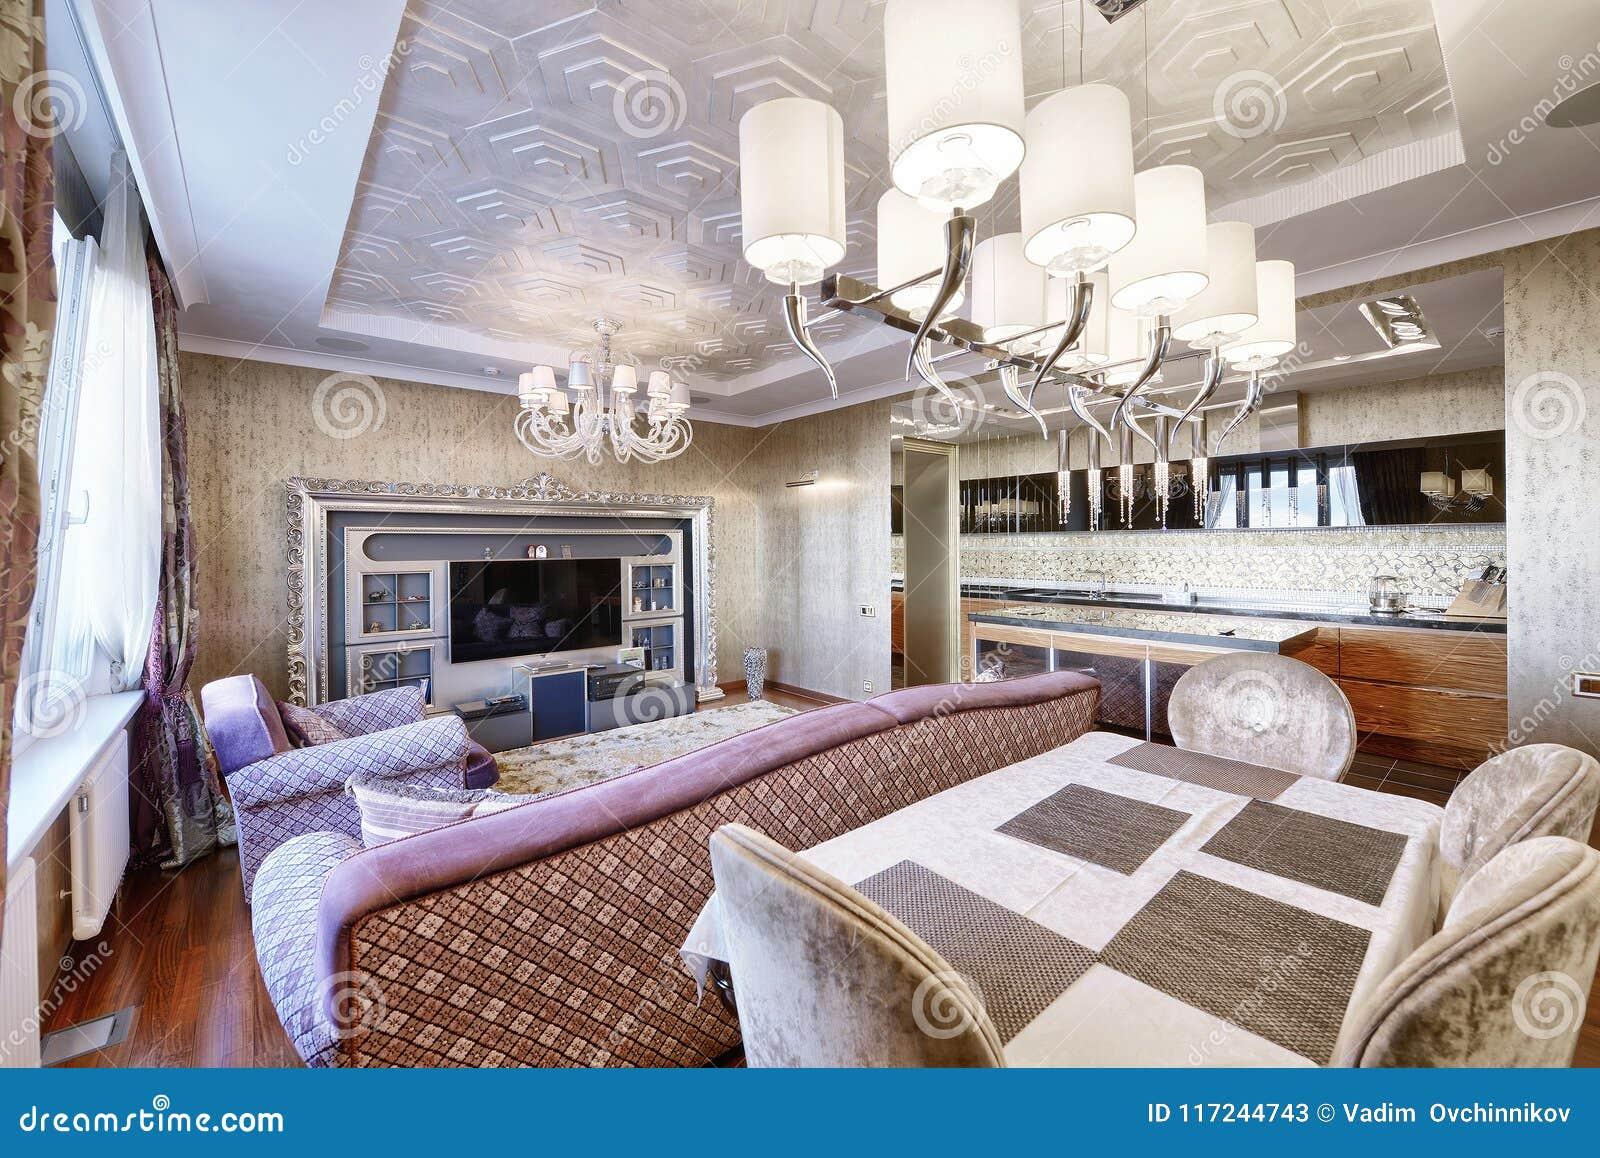 Interni Case Di Lusso Foto interni lussuosi della casa immagine stock - immagine di